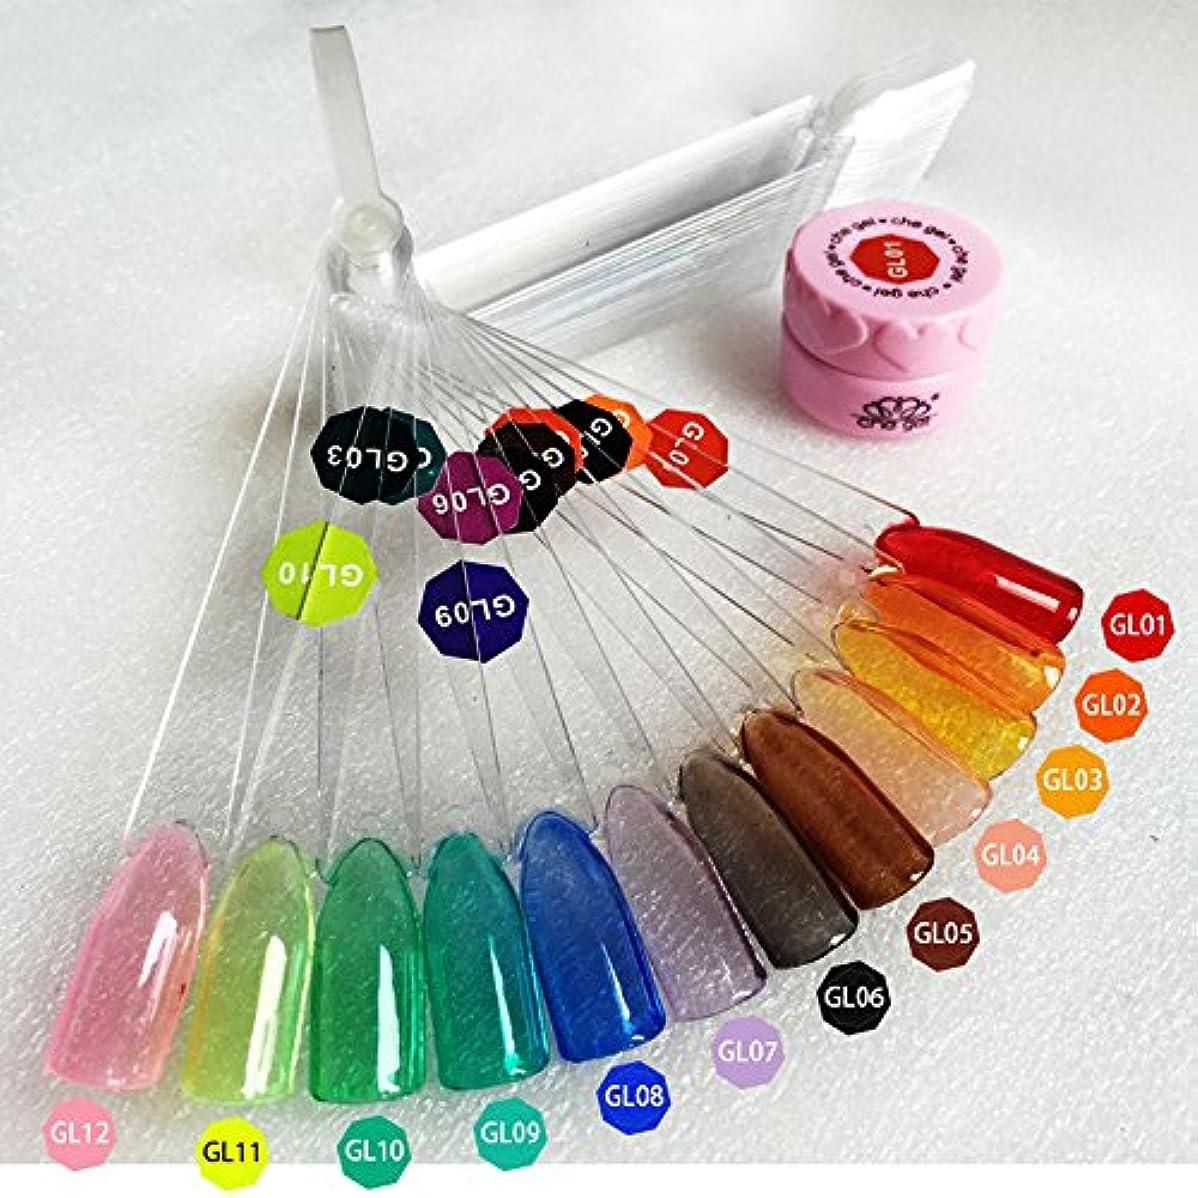 アナロジー陽気な弾力性のあるジェルネイルカラークリアカラージェル ネイルアートネイルパーツネイルマニキュアソークオフ   3gケース入り12色から選び  (5)